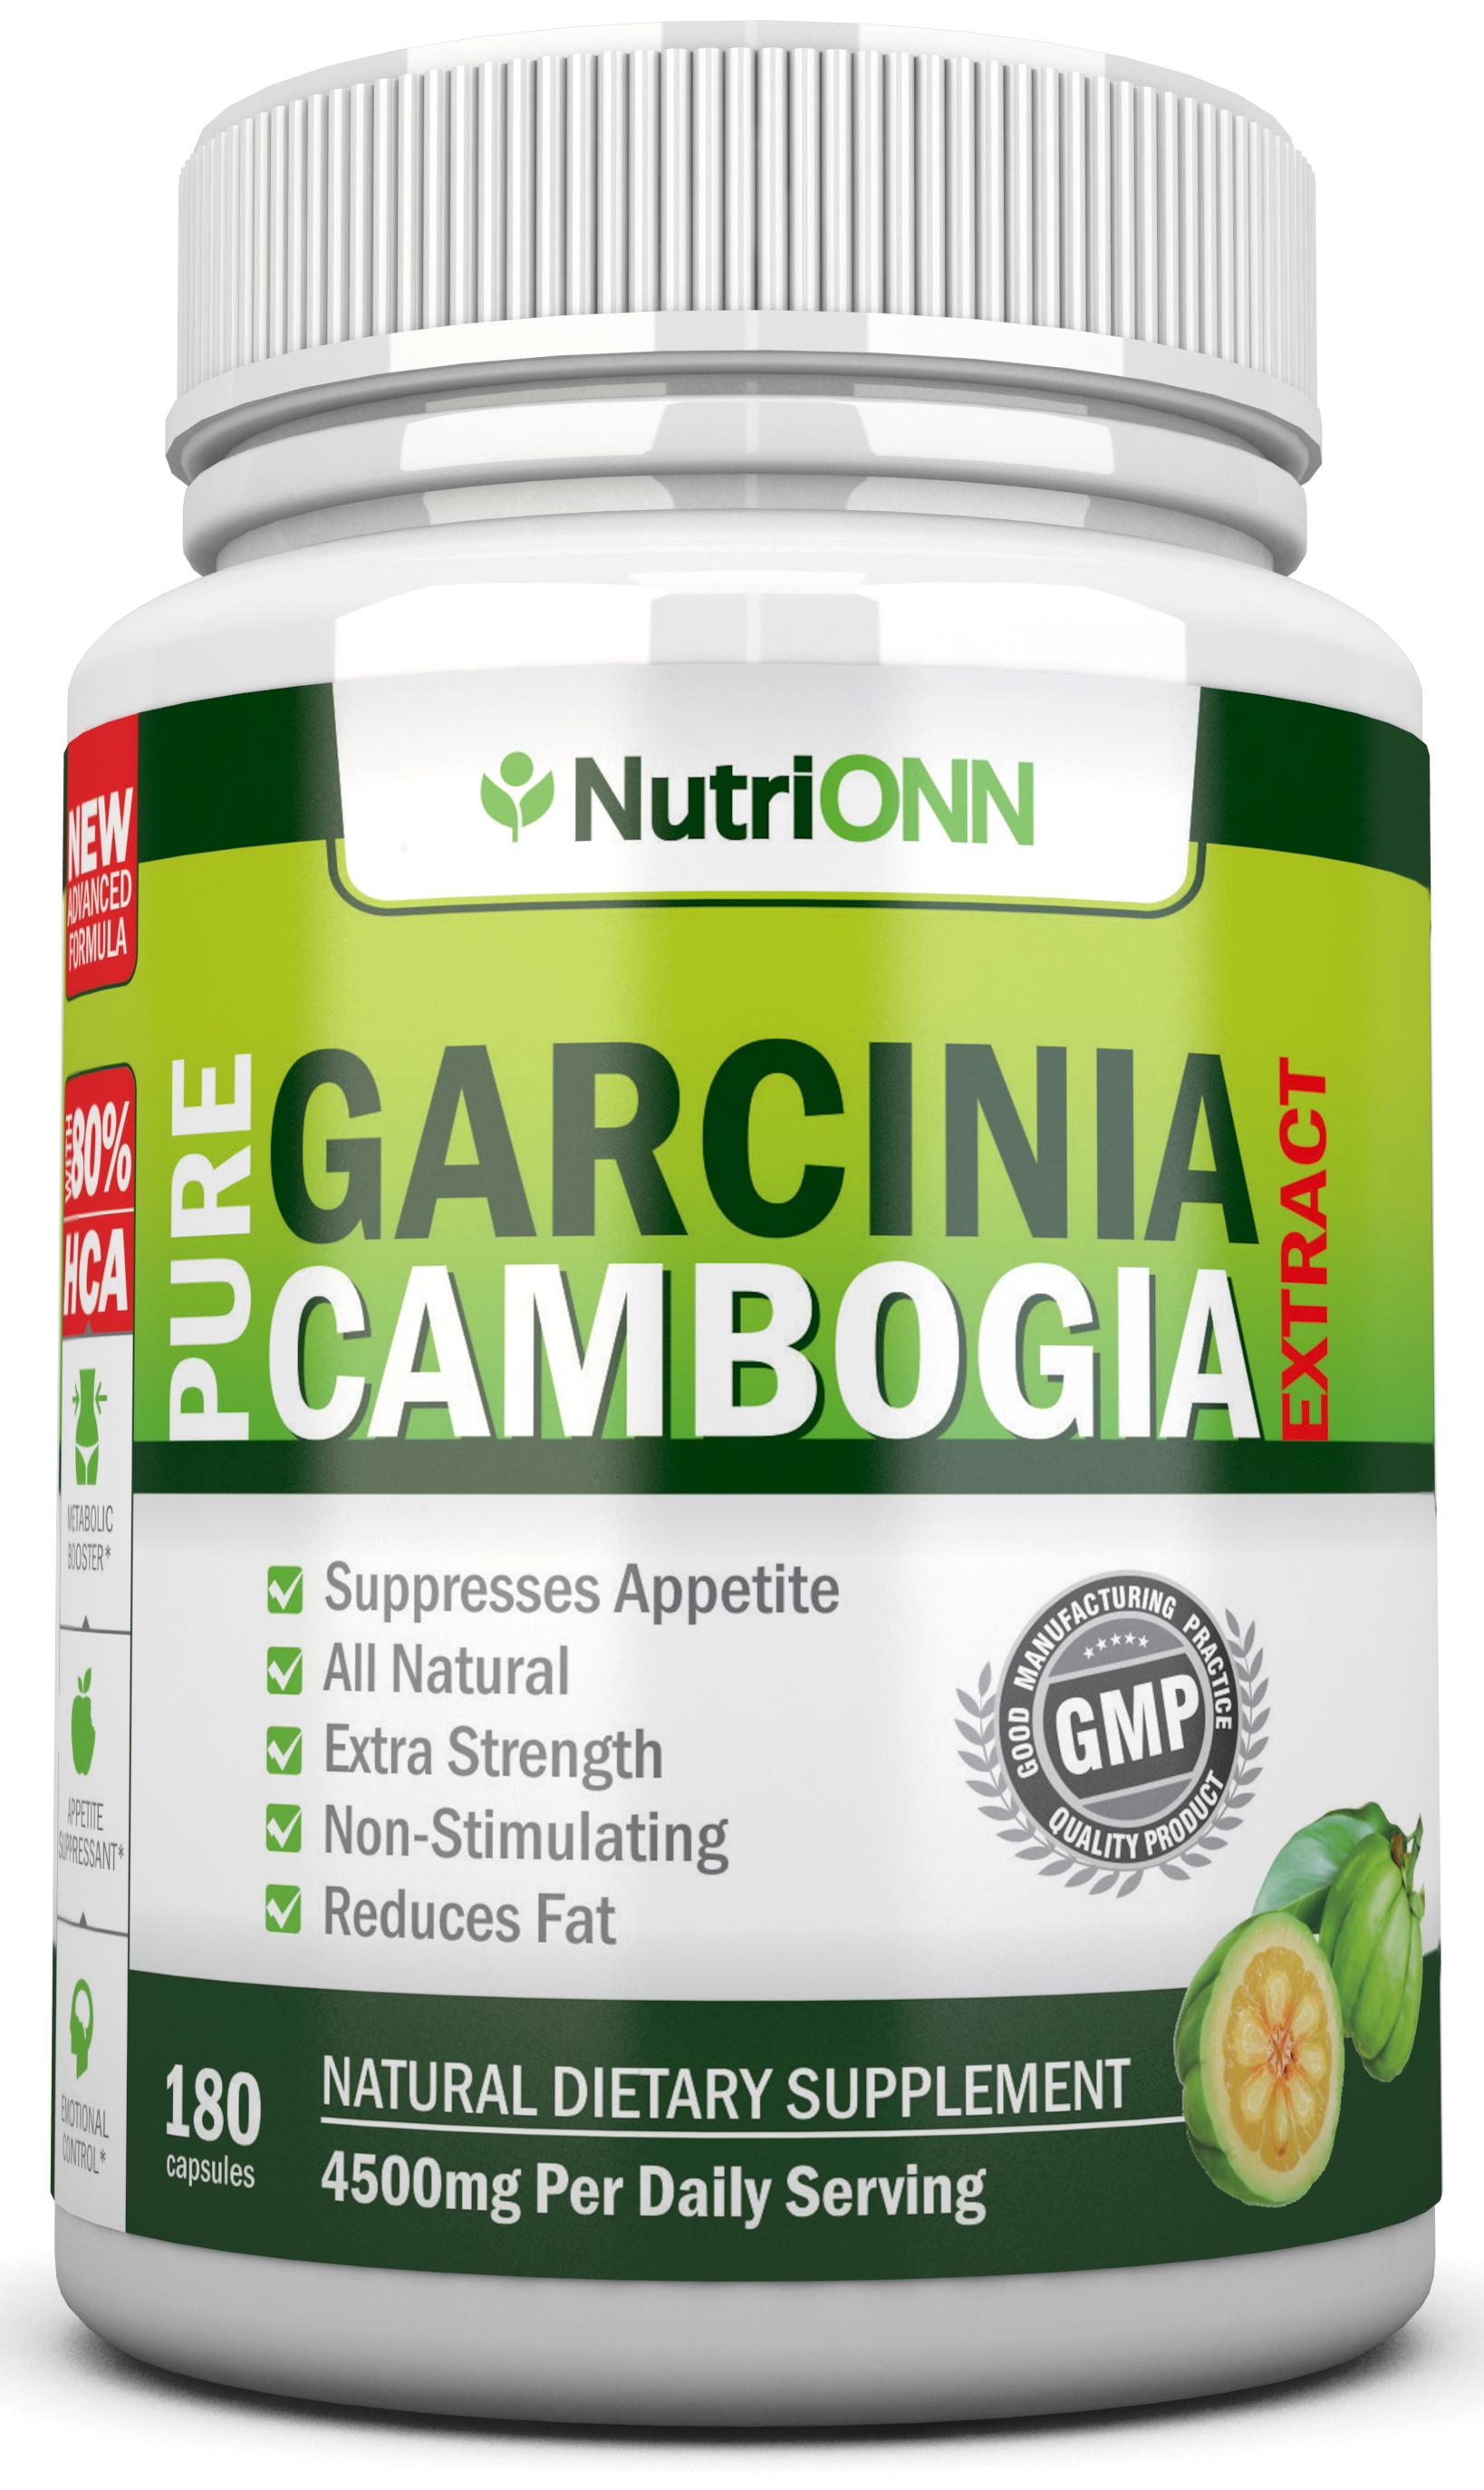 NutiONN Garcinia Cambogia